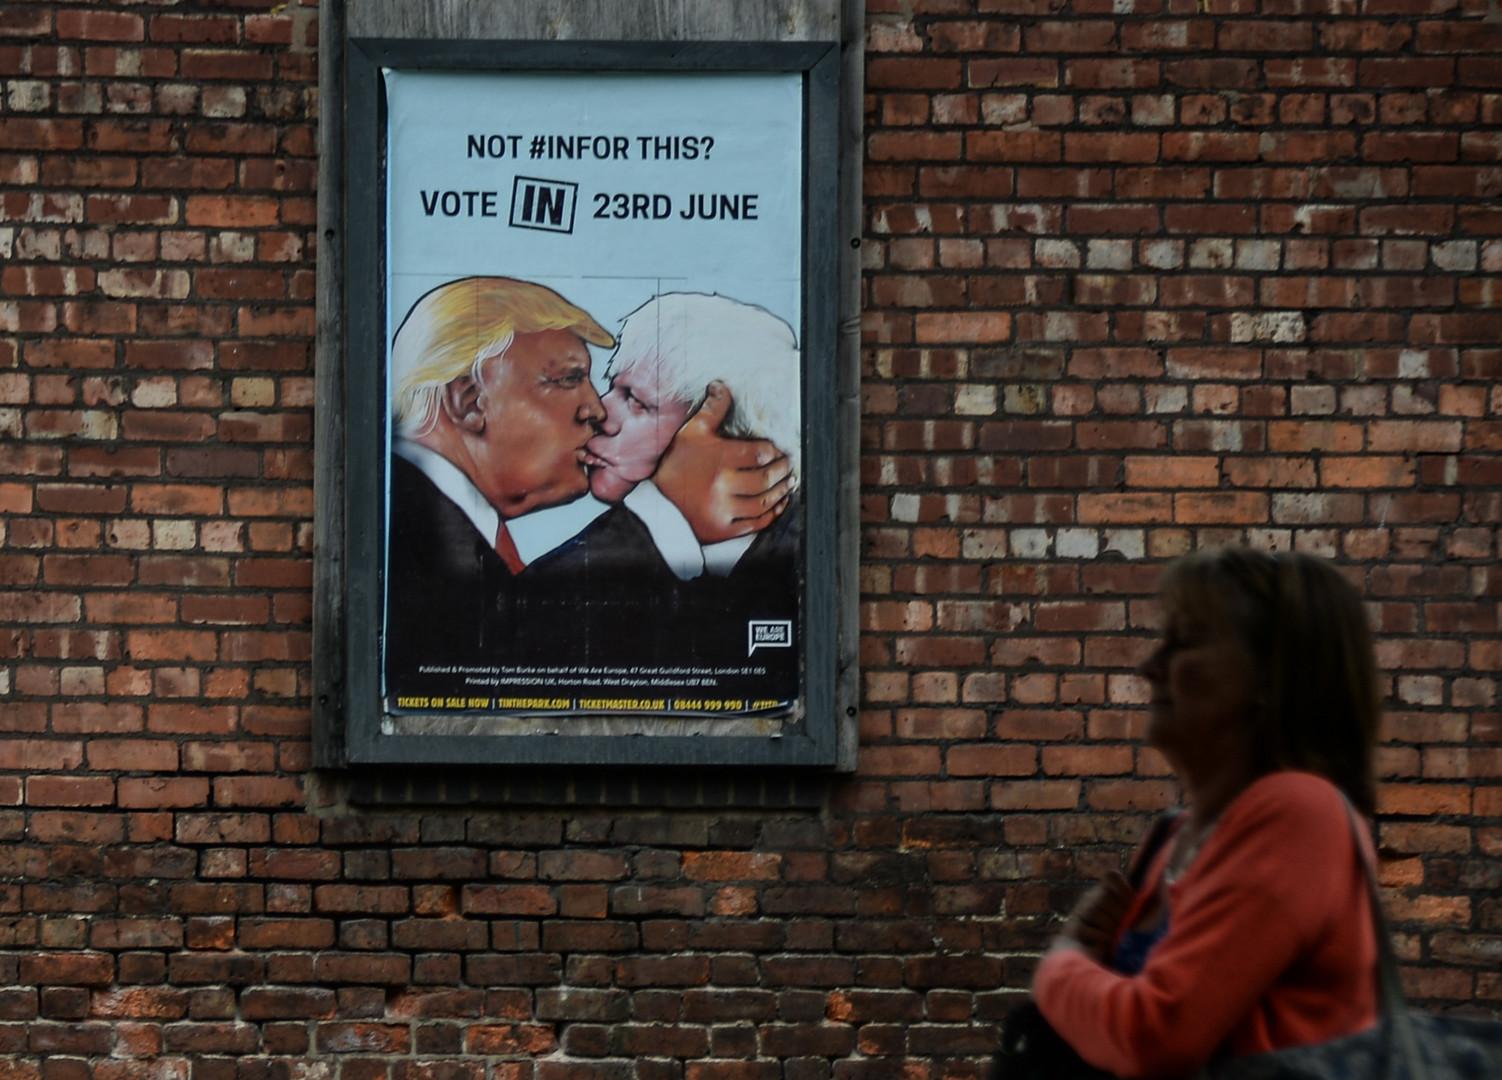 Суть брексита в мемах: интернет-пользователи отреагировали на выход Британии из состава ЕС